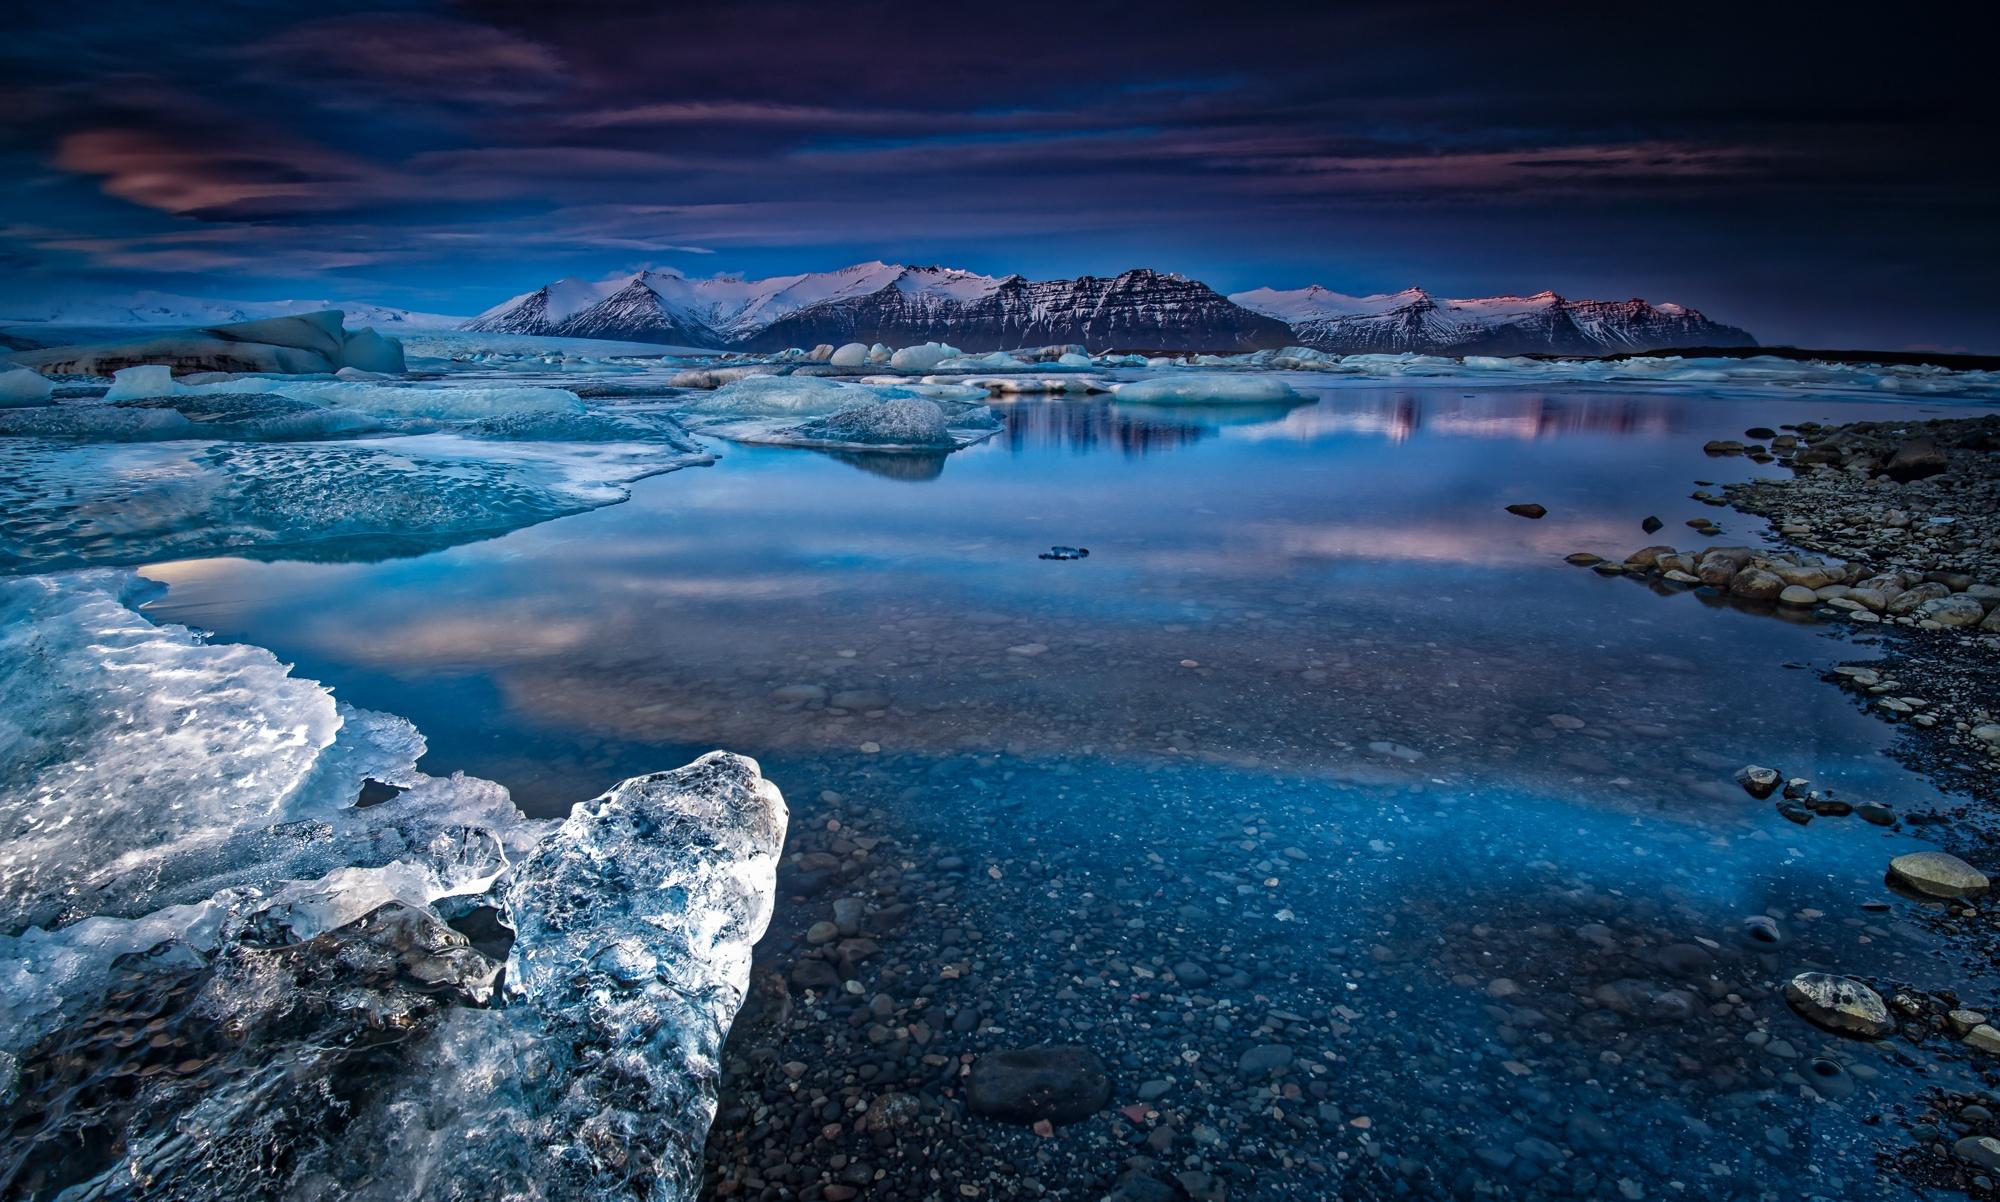 109697 скачать обои Природа, Река, Зима, Лед, Снег, Горы - заставки и картинки бесплатно